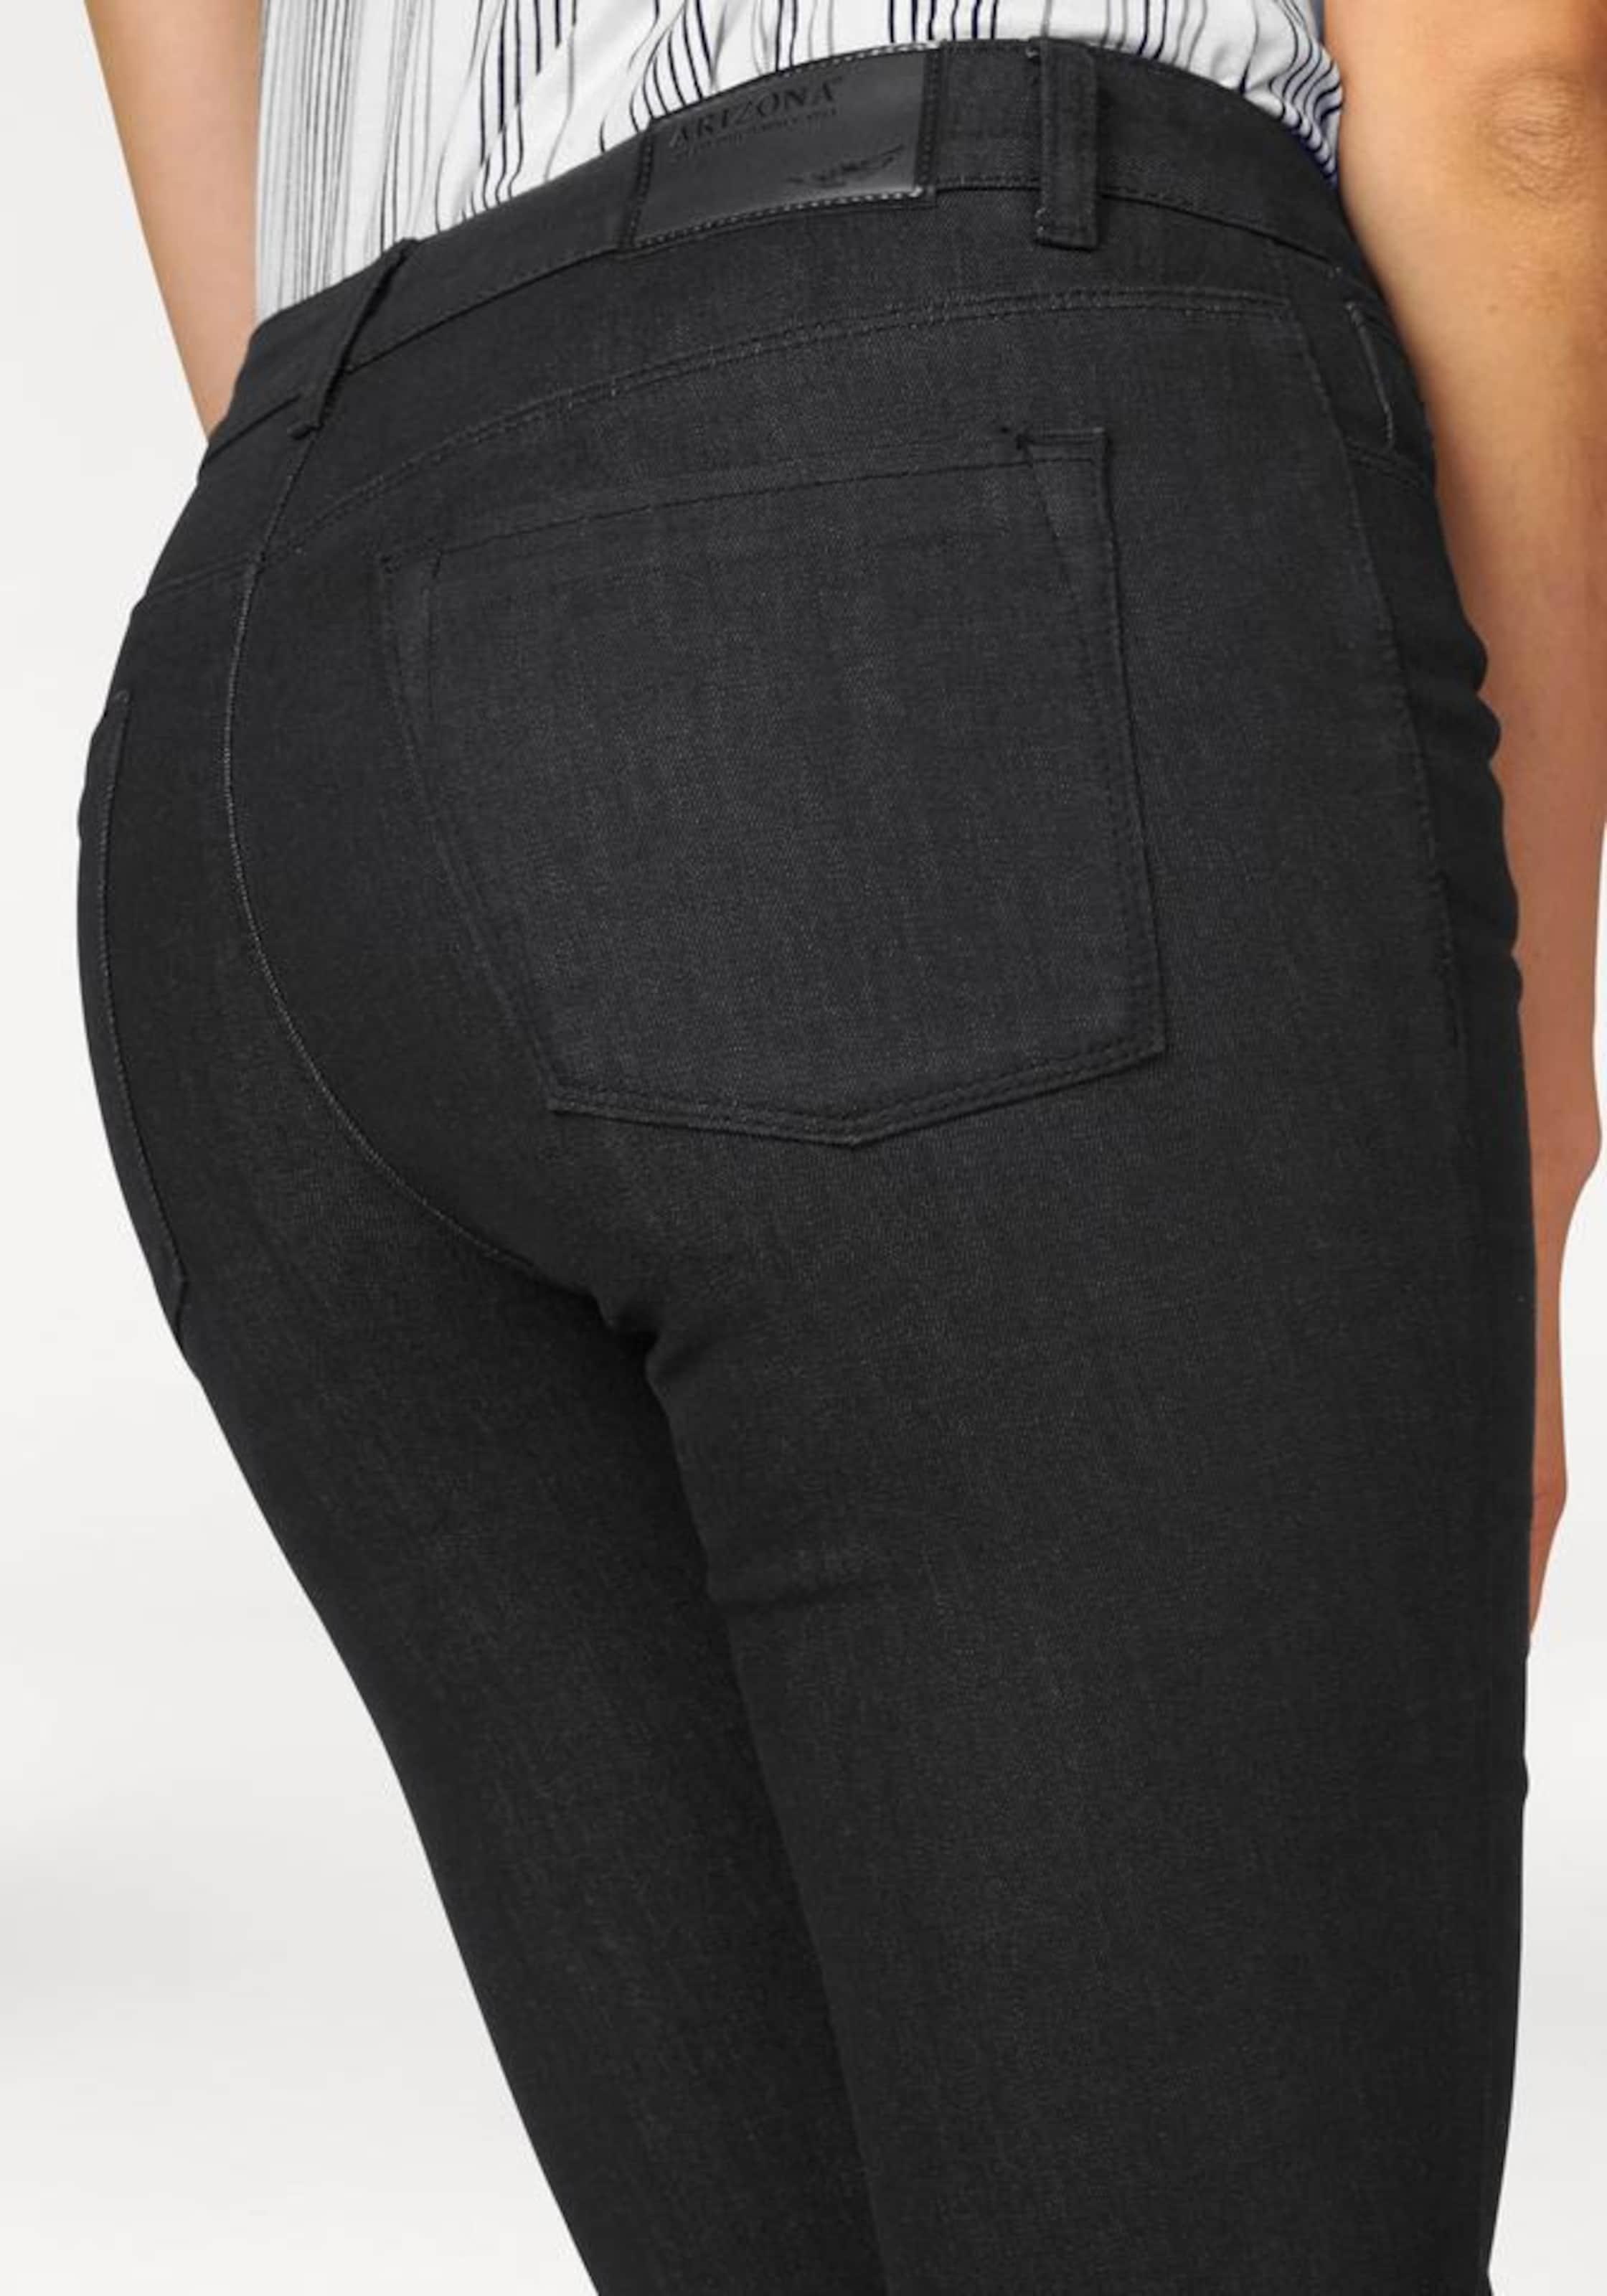 Billig 2018 Bekommt Einen Rabatt Zu Kaufen ARIZONA Bootcut-Jeans VBo6m0